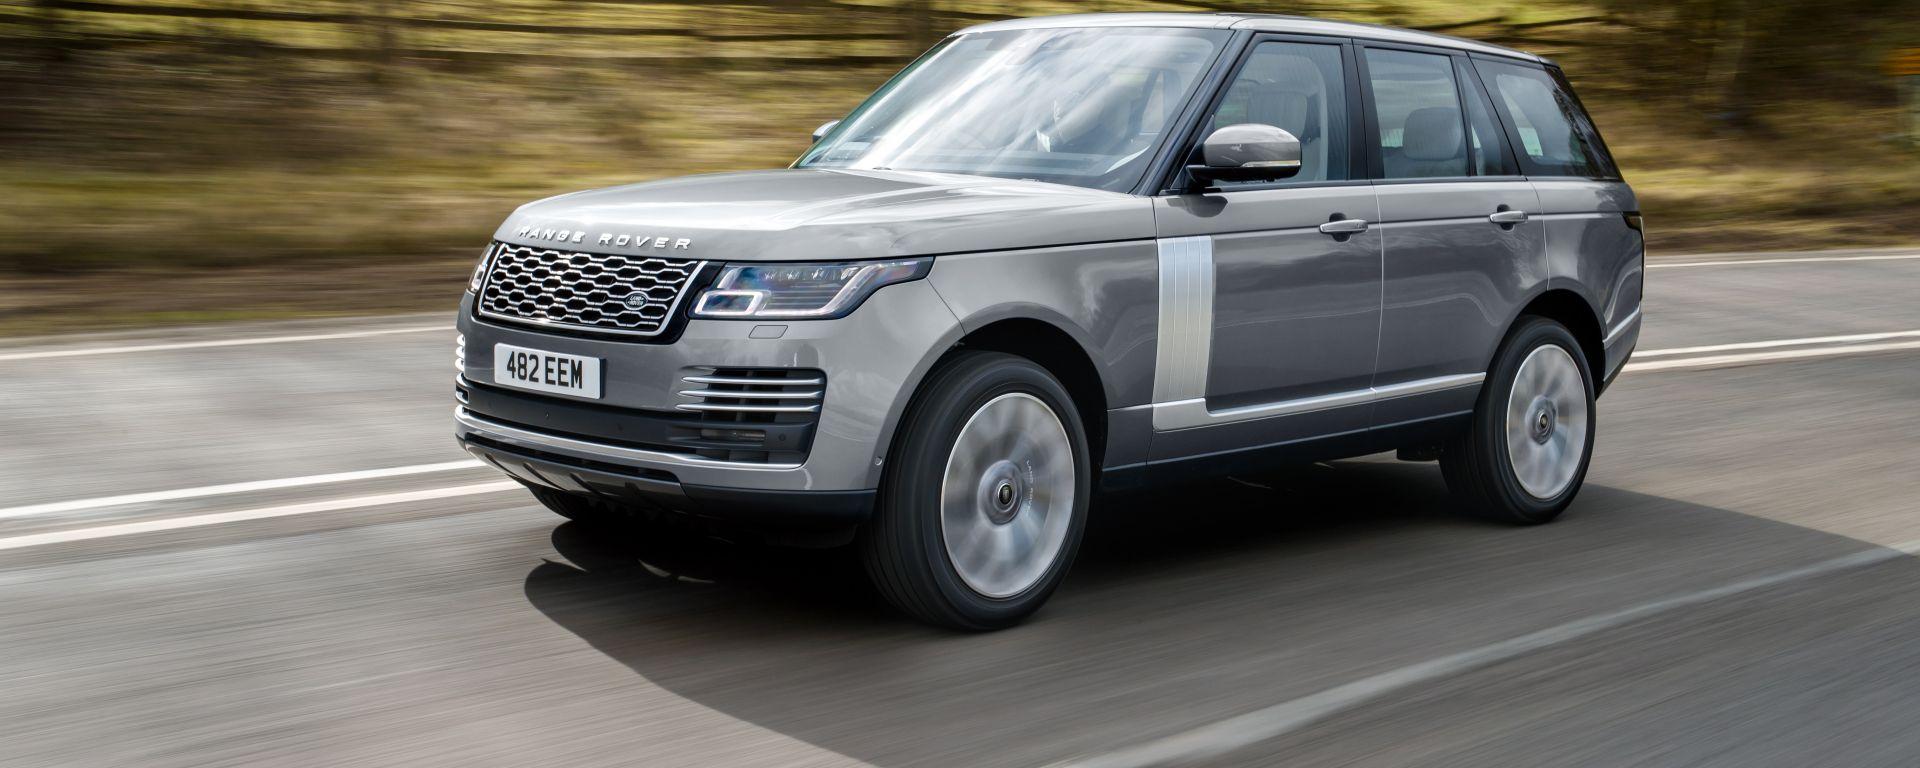 Land Rover Range Rover: vista 3/4 anteriore